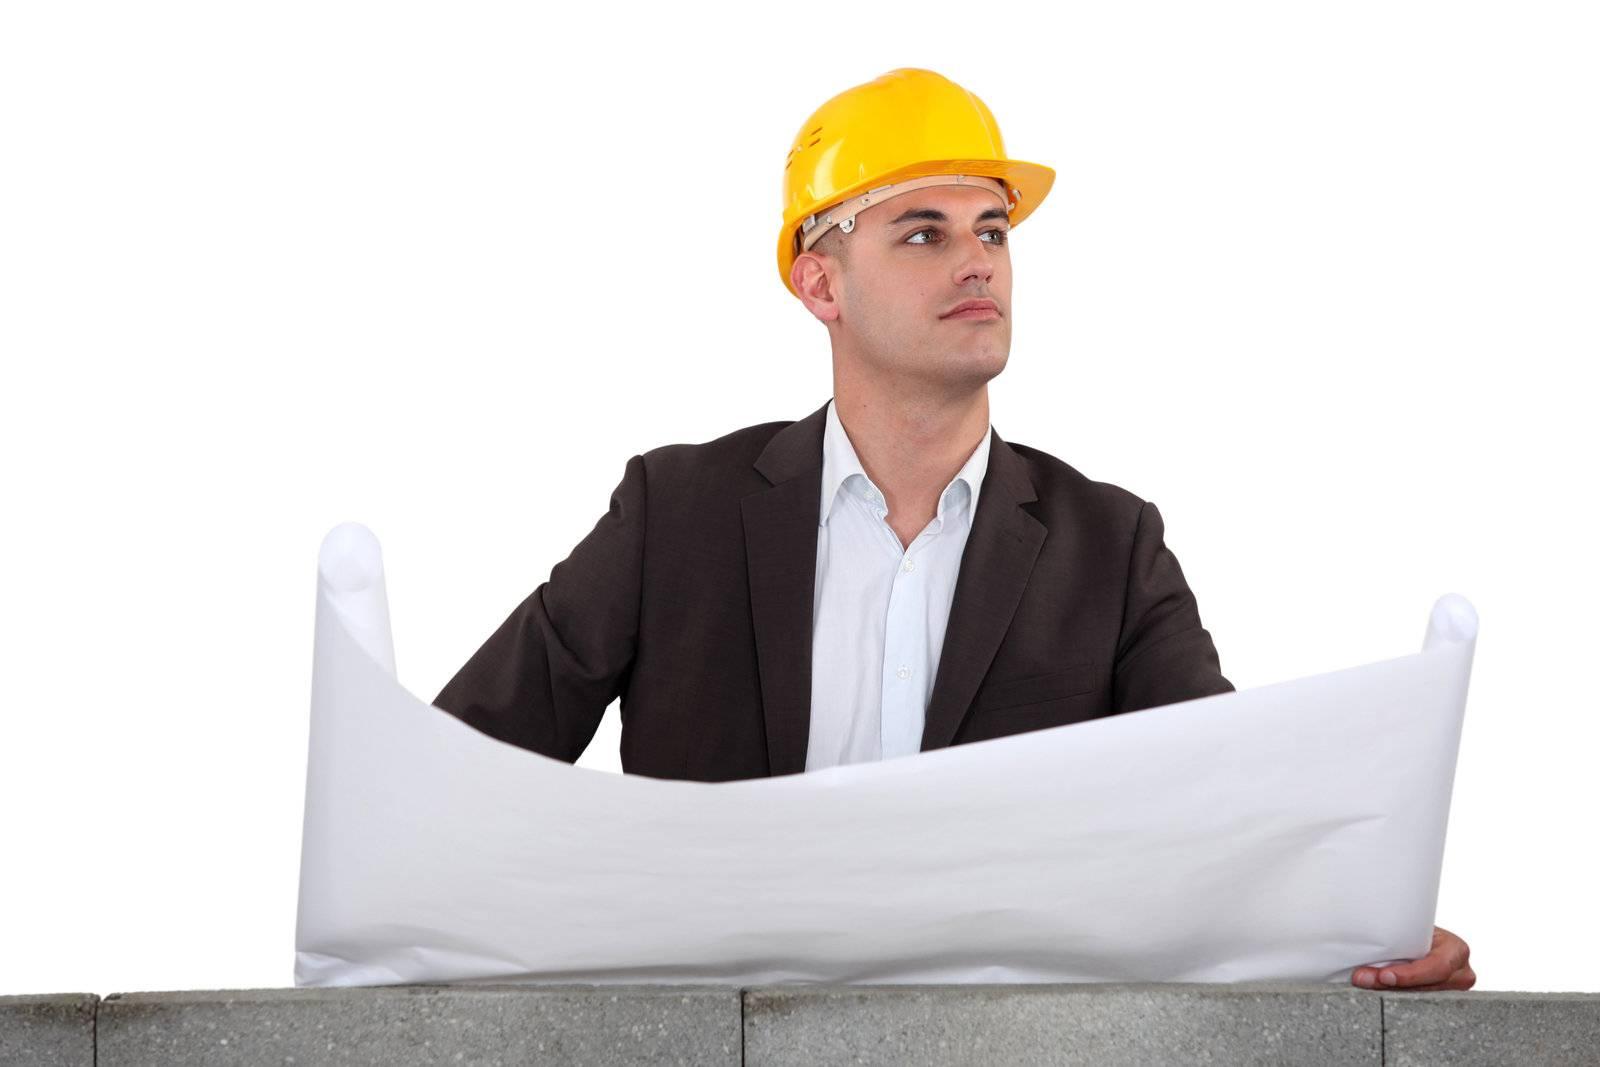 adult, agent, architect, black, blueprint, businessman - D8089850